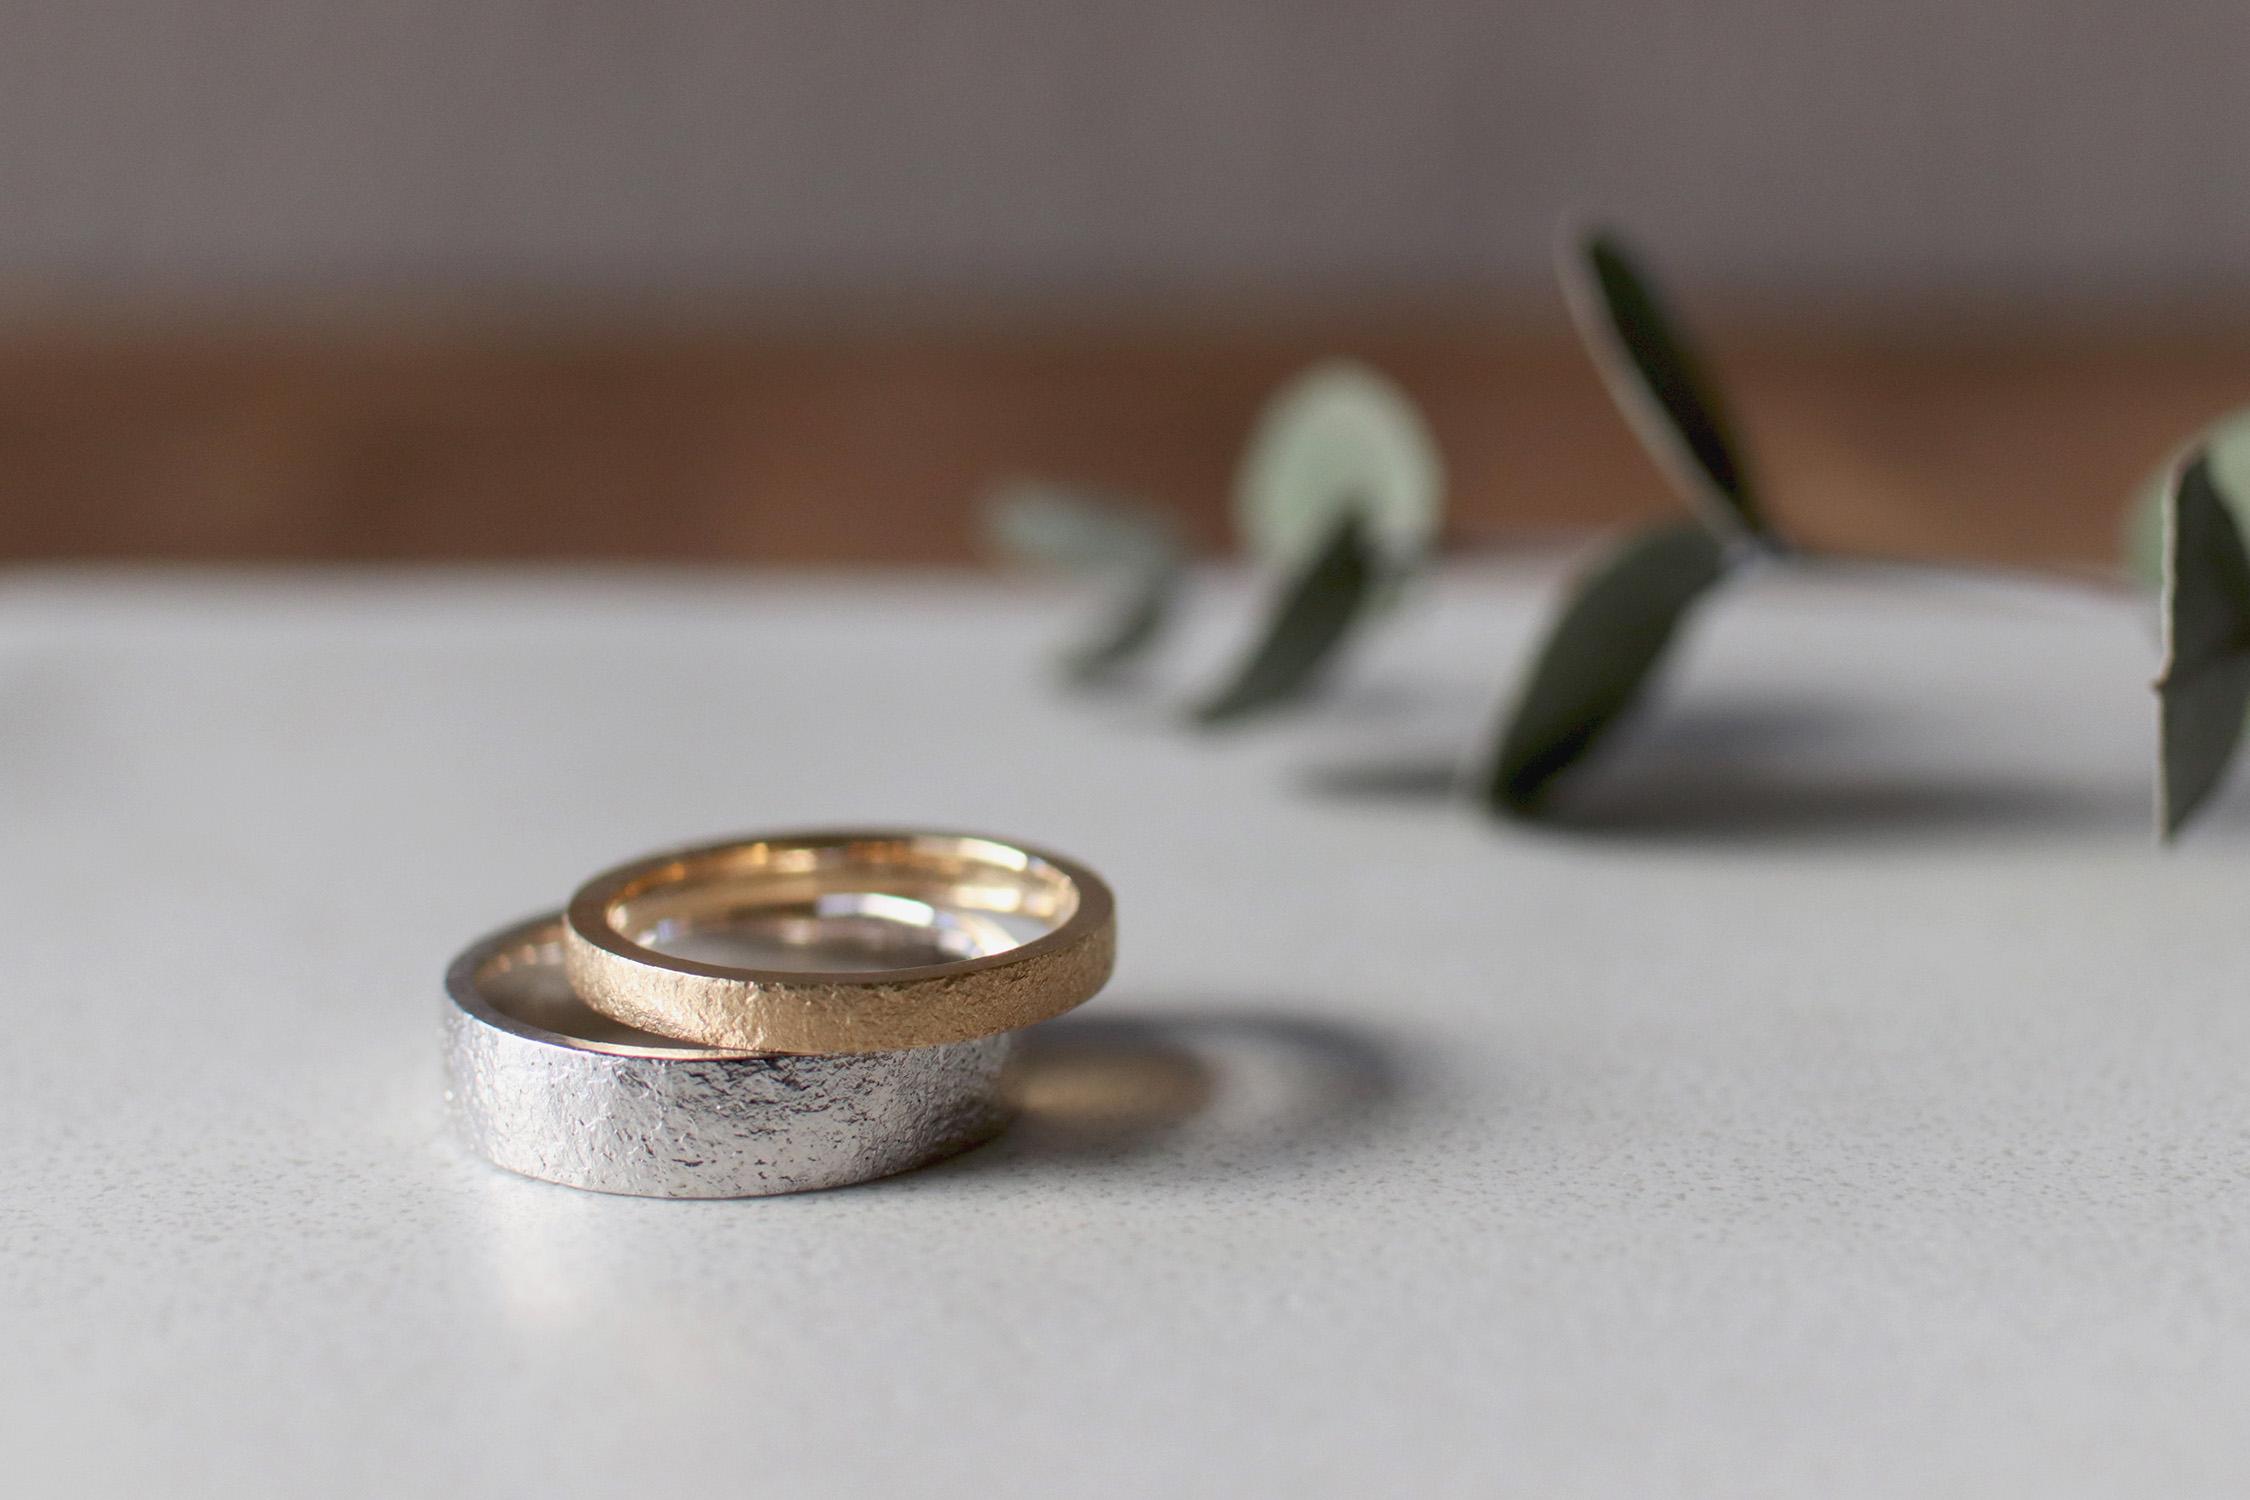 石目テクスチャーで他とはちょっと違う結婚指輪